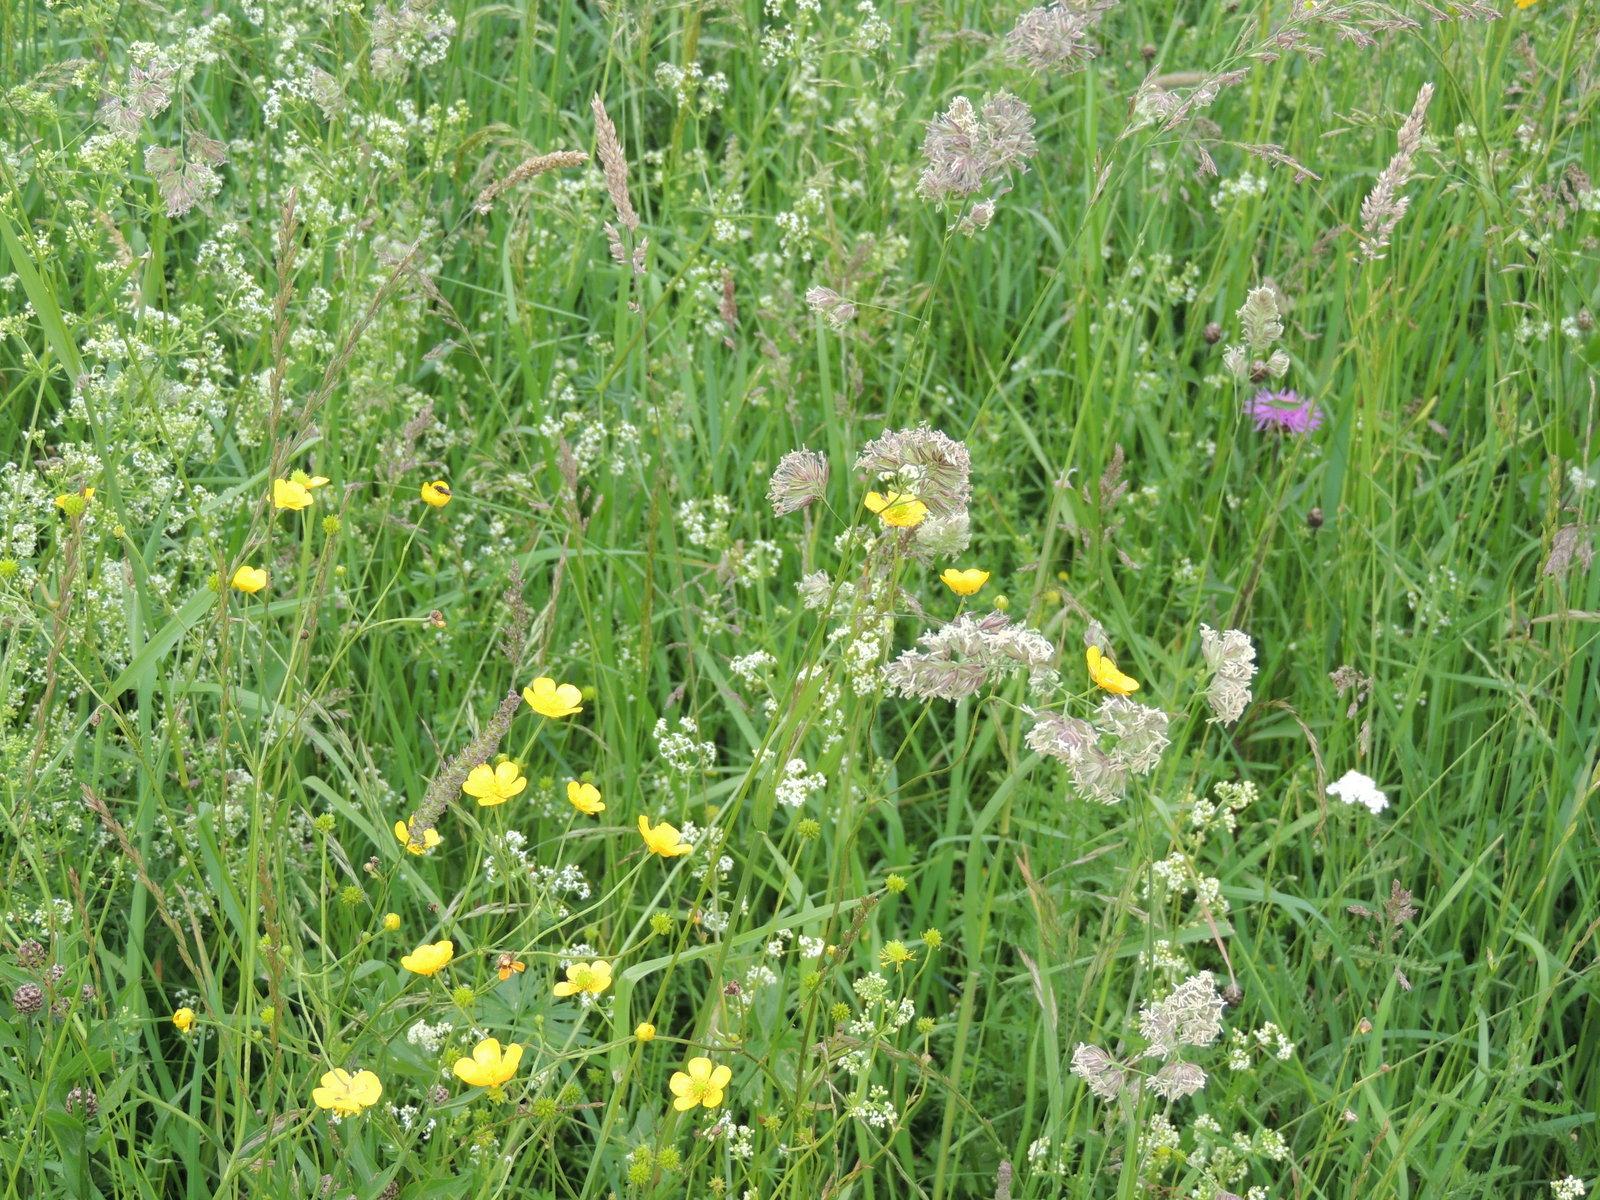 Blumenwiese am Enns-Radweg